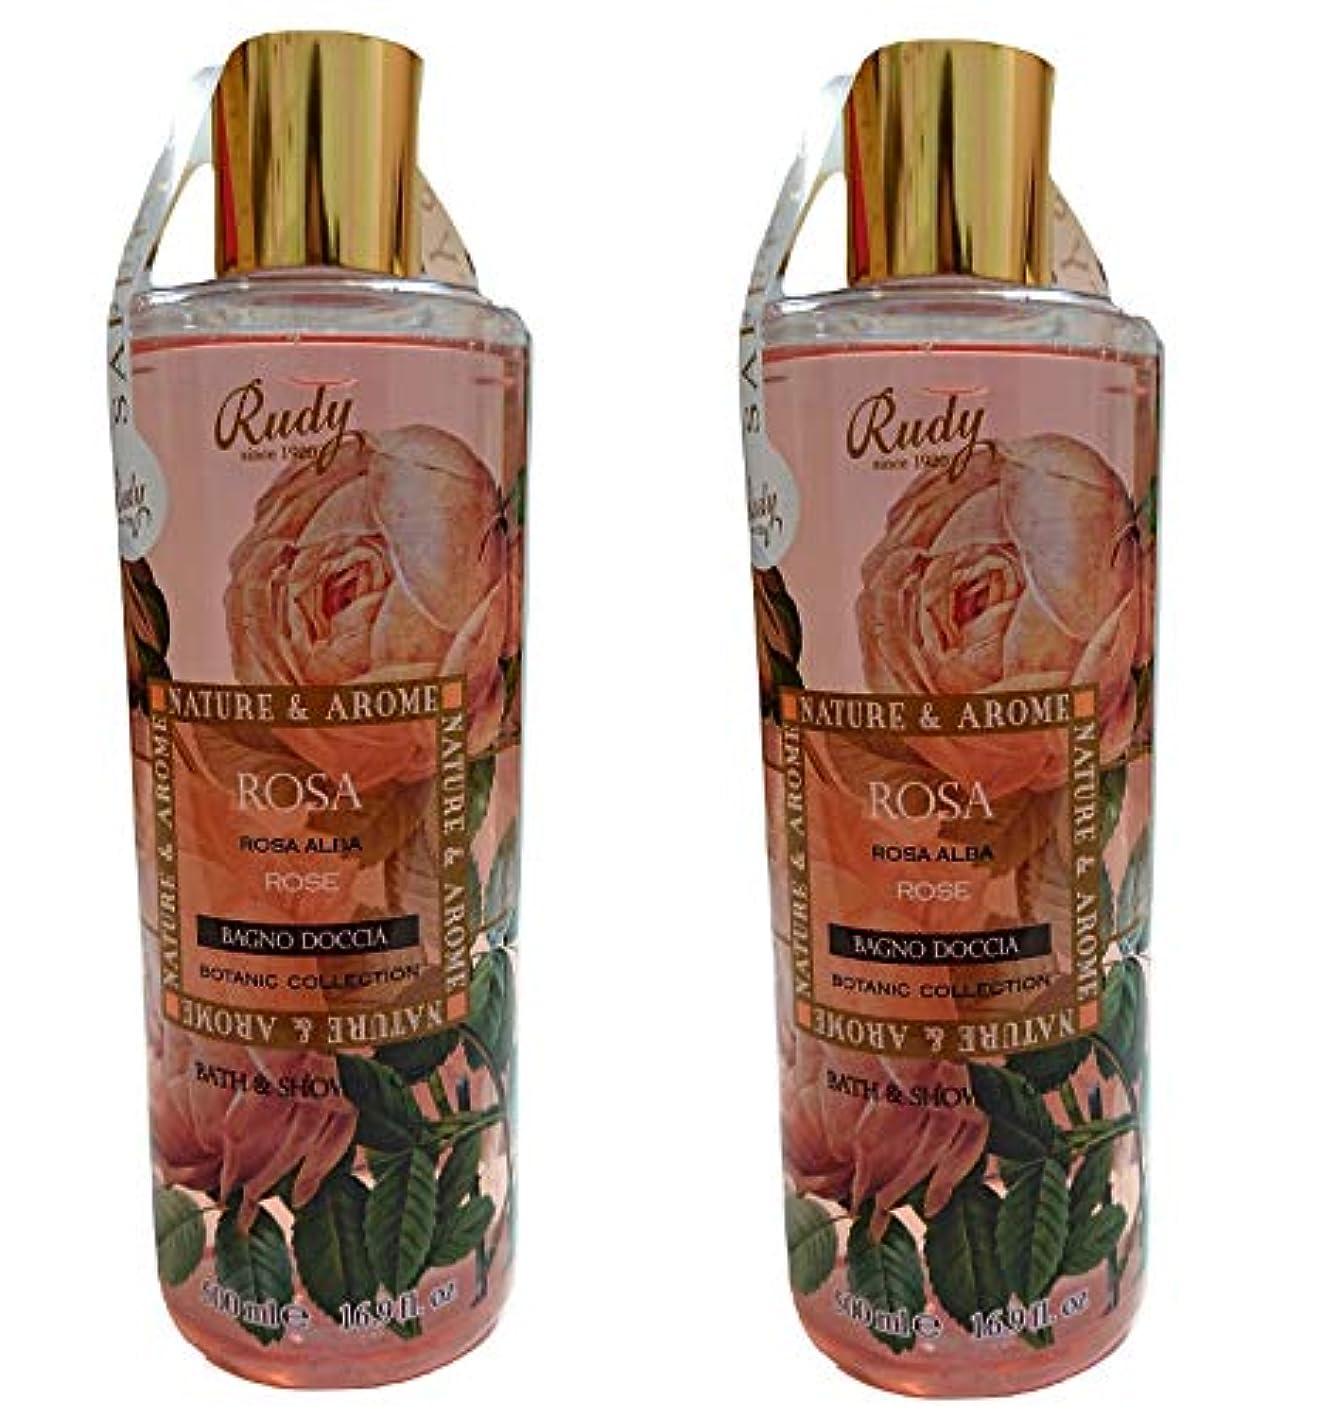 サンダース代理店チョコレート(まとめ買い)RUDY Nature&Arome SERIES ルディ ナチュール&アロマ Bath&Shower Gel バス&シャワージェル ローズ (2本セット)